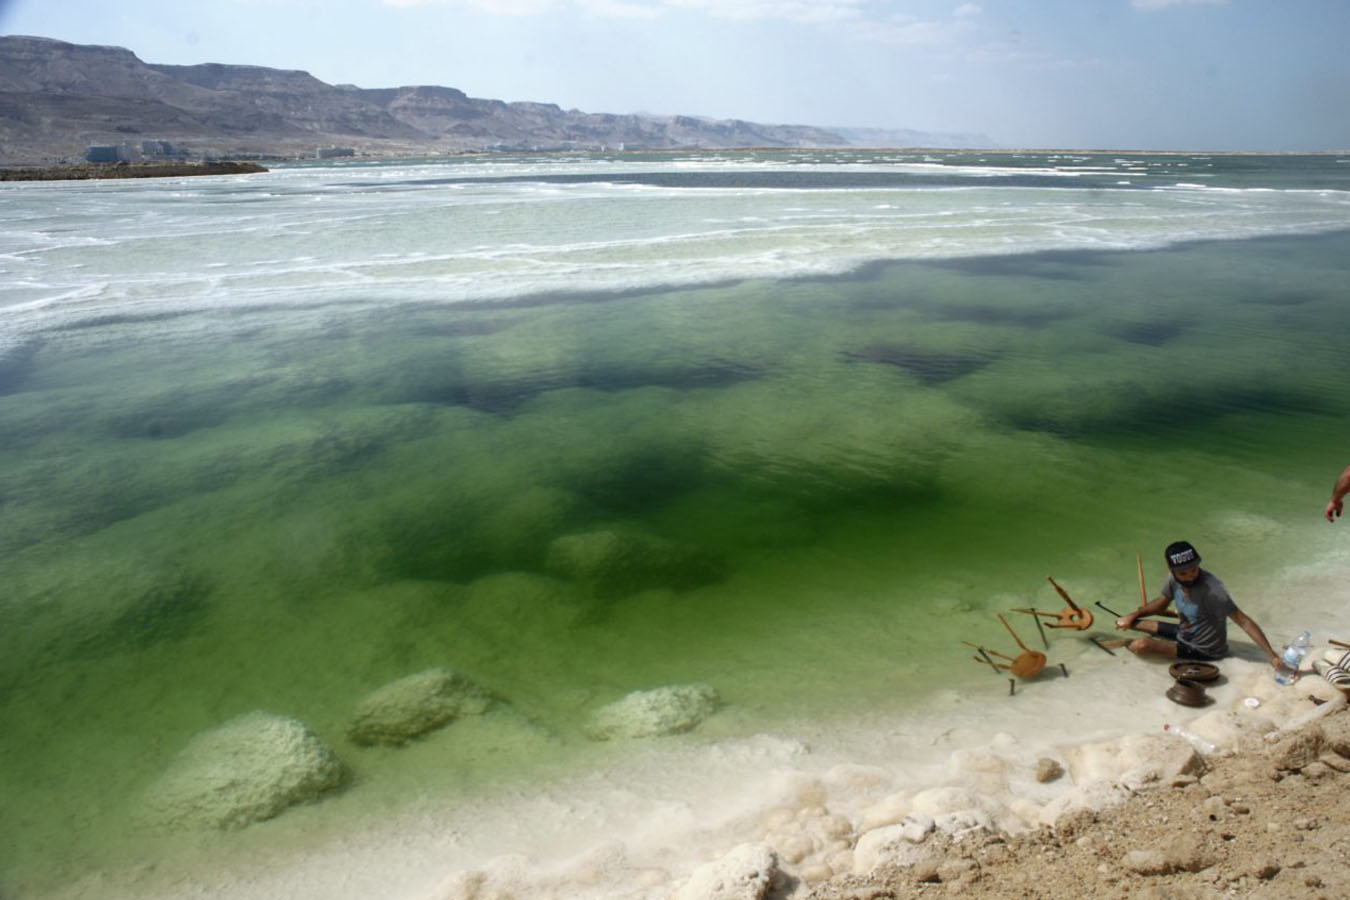 La colección Sales se basa en el proceso de cristalización que se produce en Mar Muerto